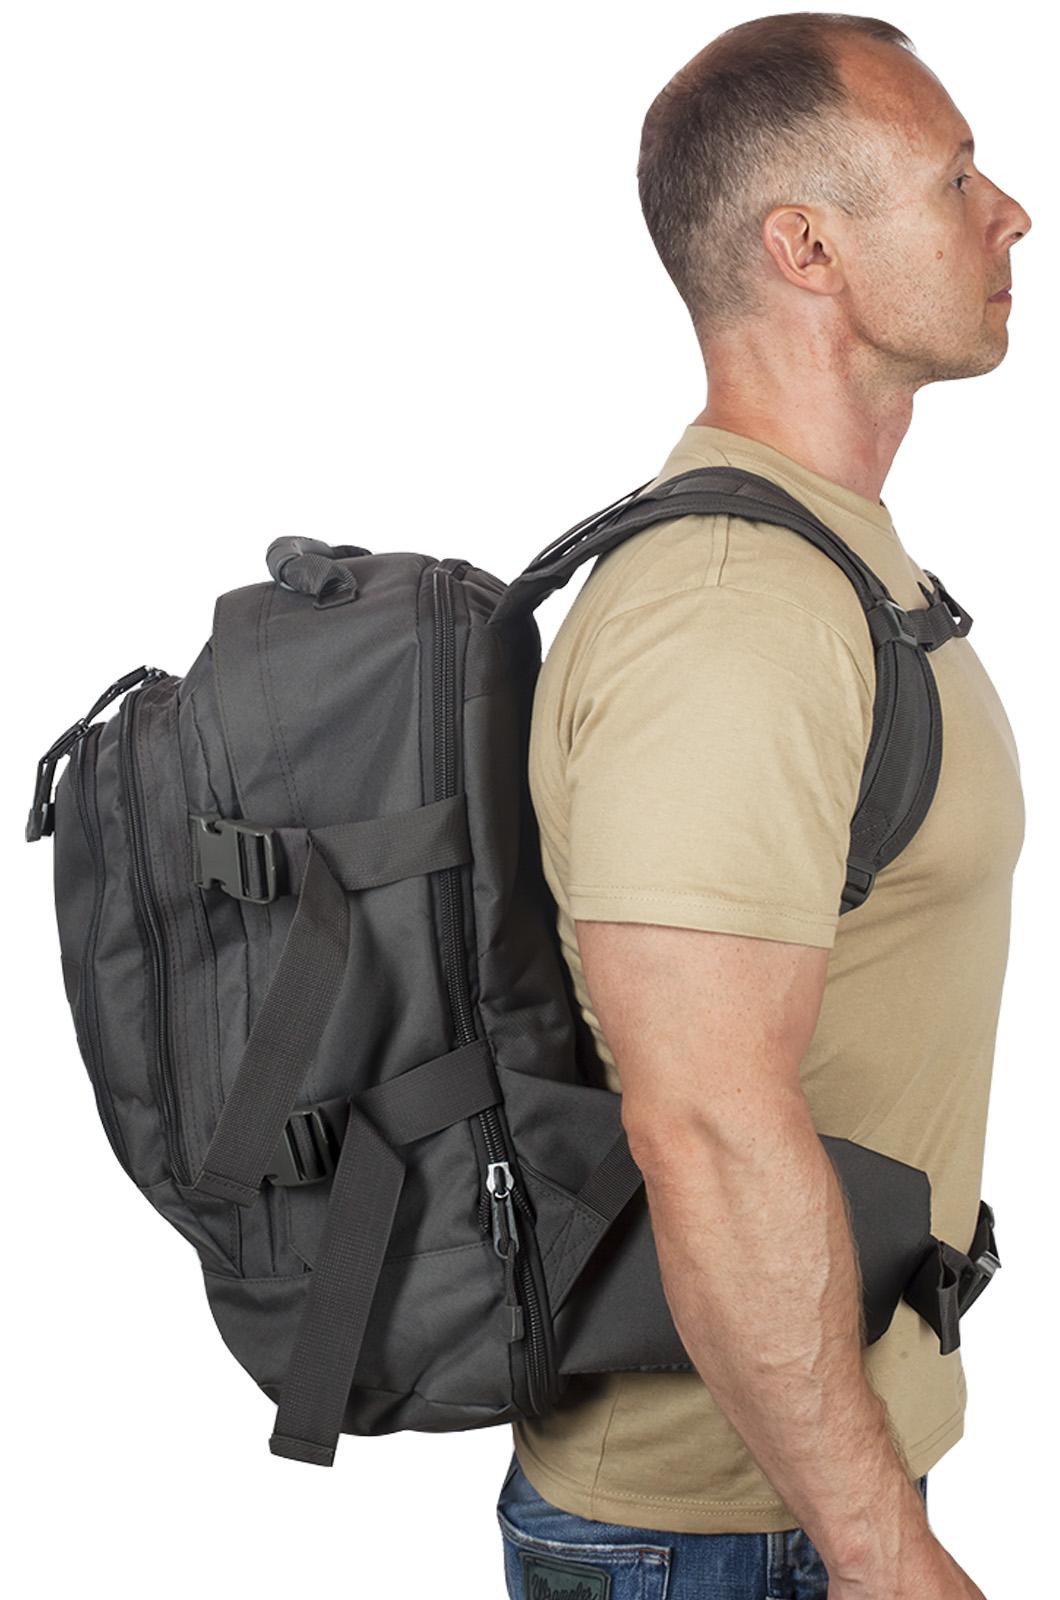 Универсальный рюкзак для города и полевых выходов 3-Day Expandable Backpack 08002A Dark Grey с доставкой